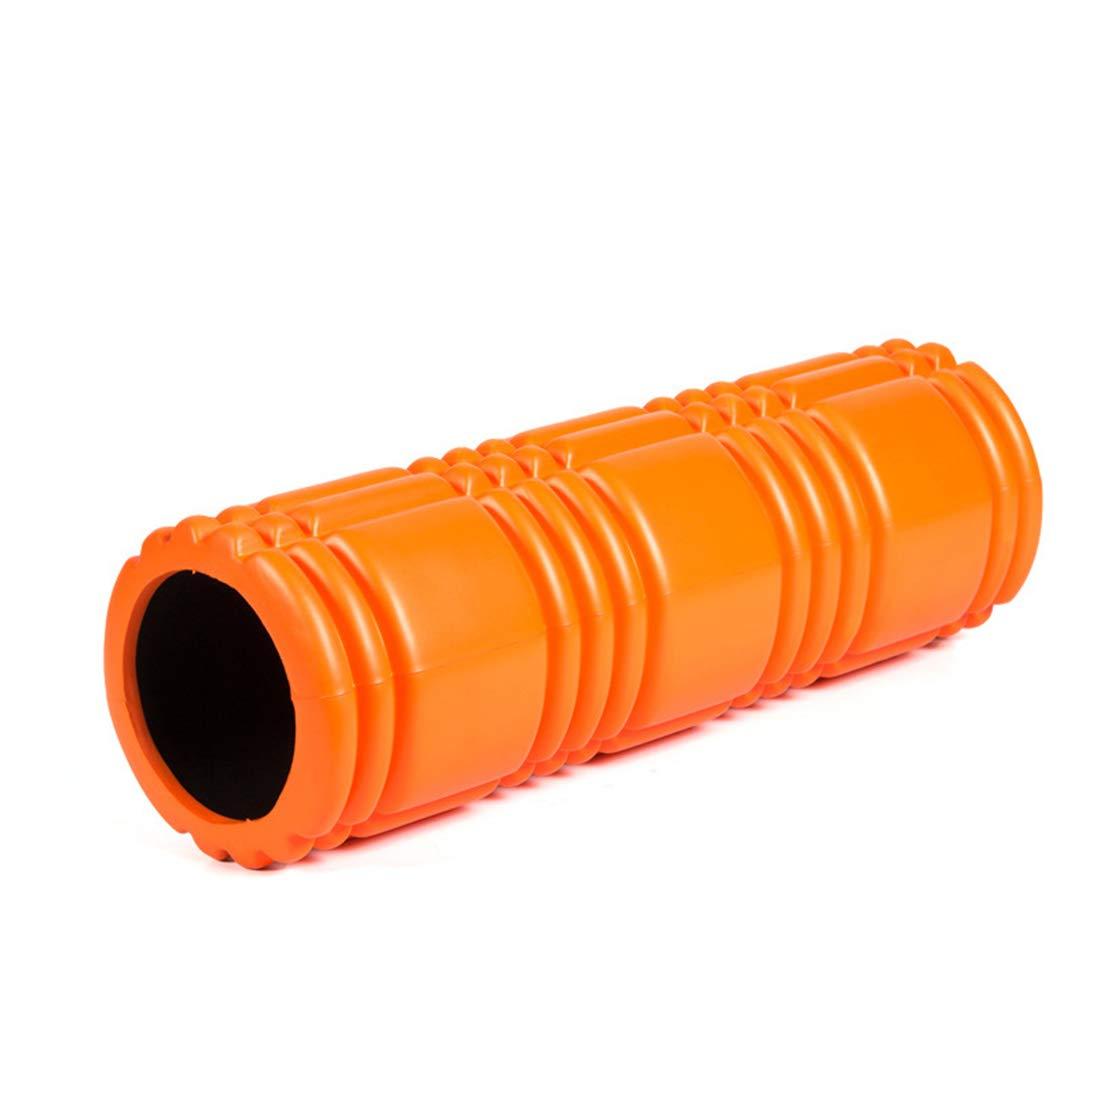 【おトク】 Goen Burake ヨガコラム中空リング泡スティック筋肉リラクゼーションローラー泡軸深さマッサージ環境に優しいエヴァヨガ : (色 : 黒) オレンジ B07QXCFHCN オレンジ (色 オレンジ, CASSETTE PUNCH:527399cb --- arianechie.dominiotemporario.com